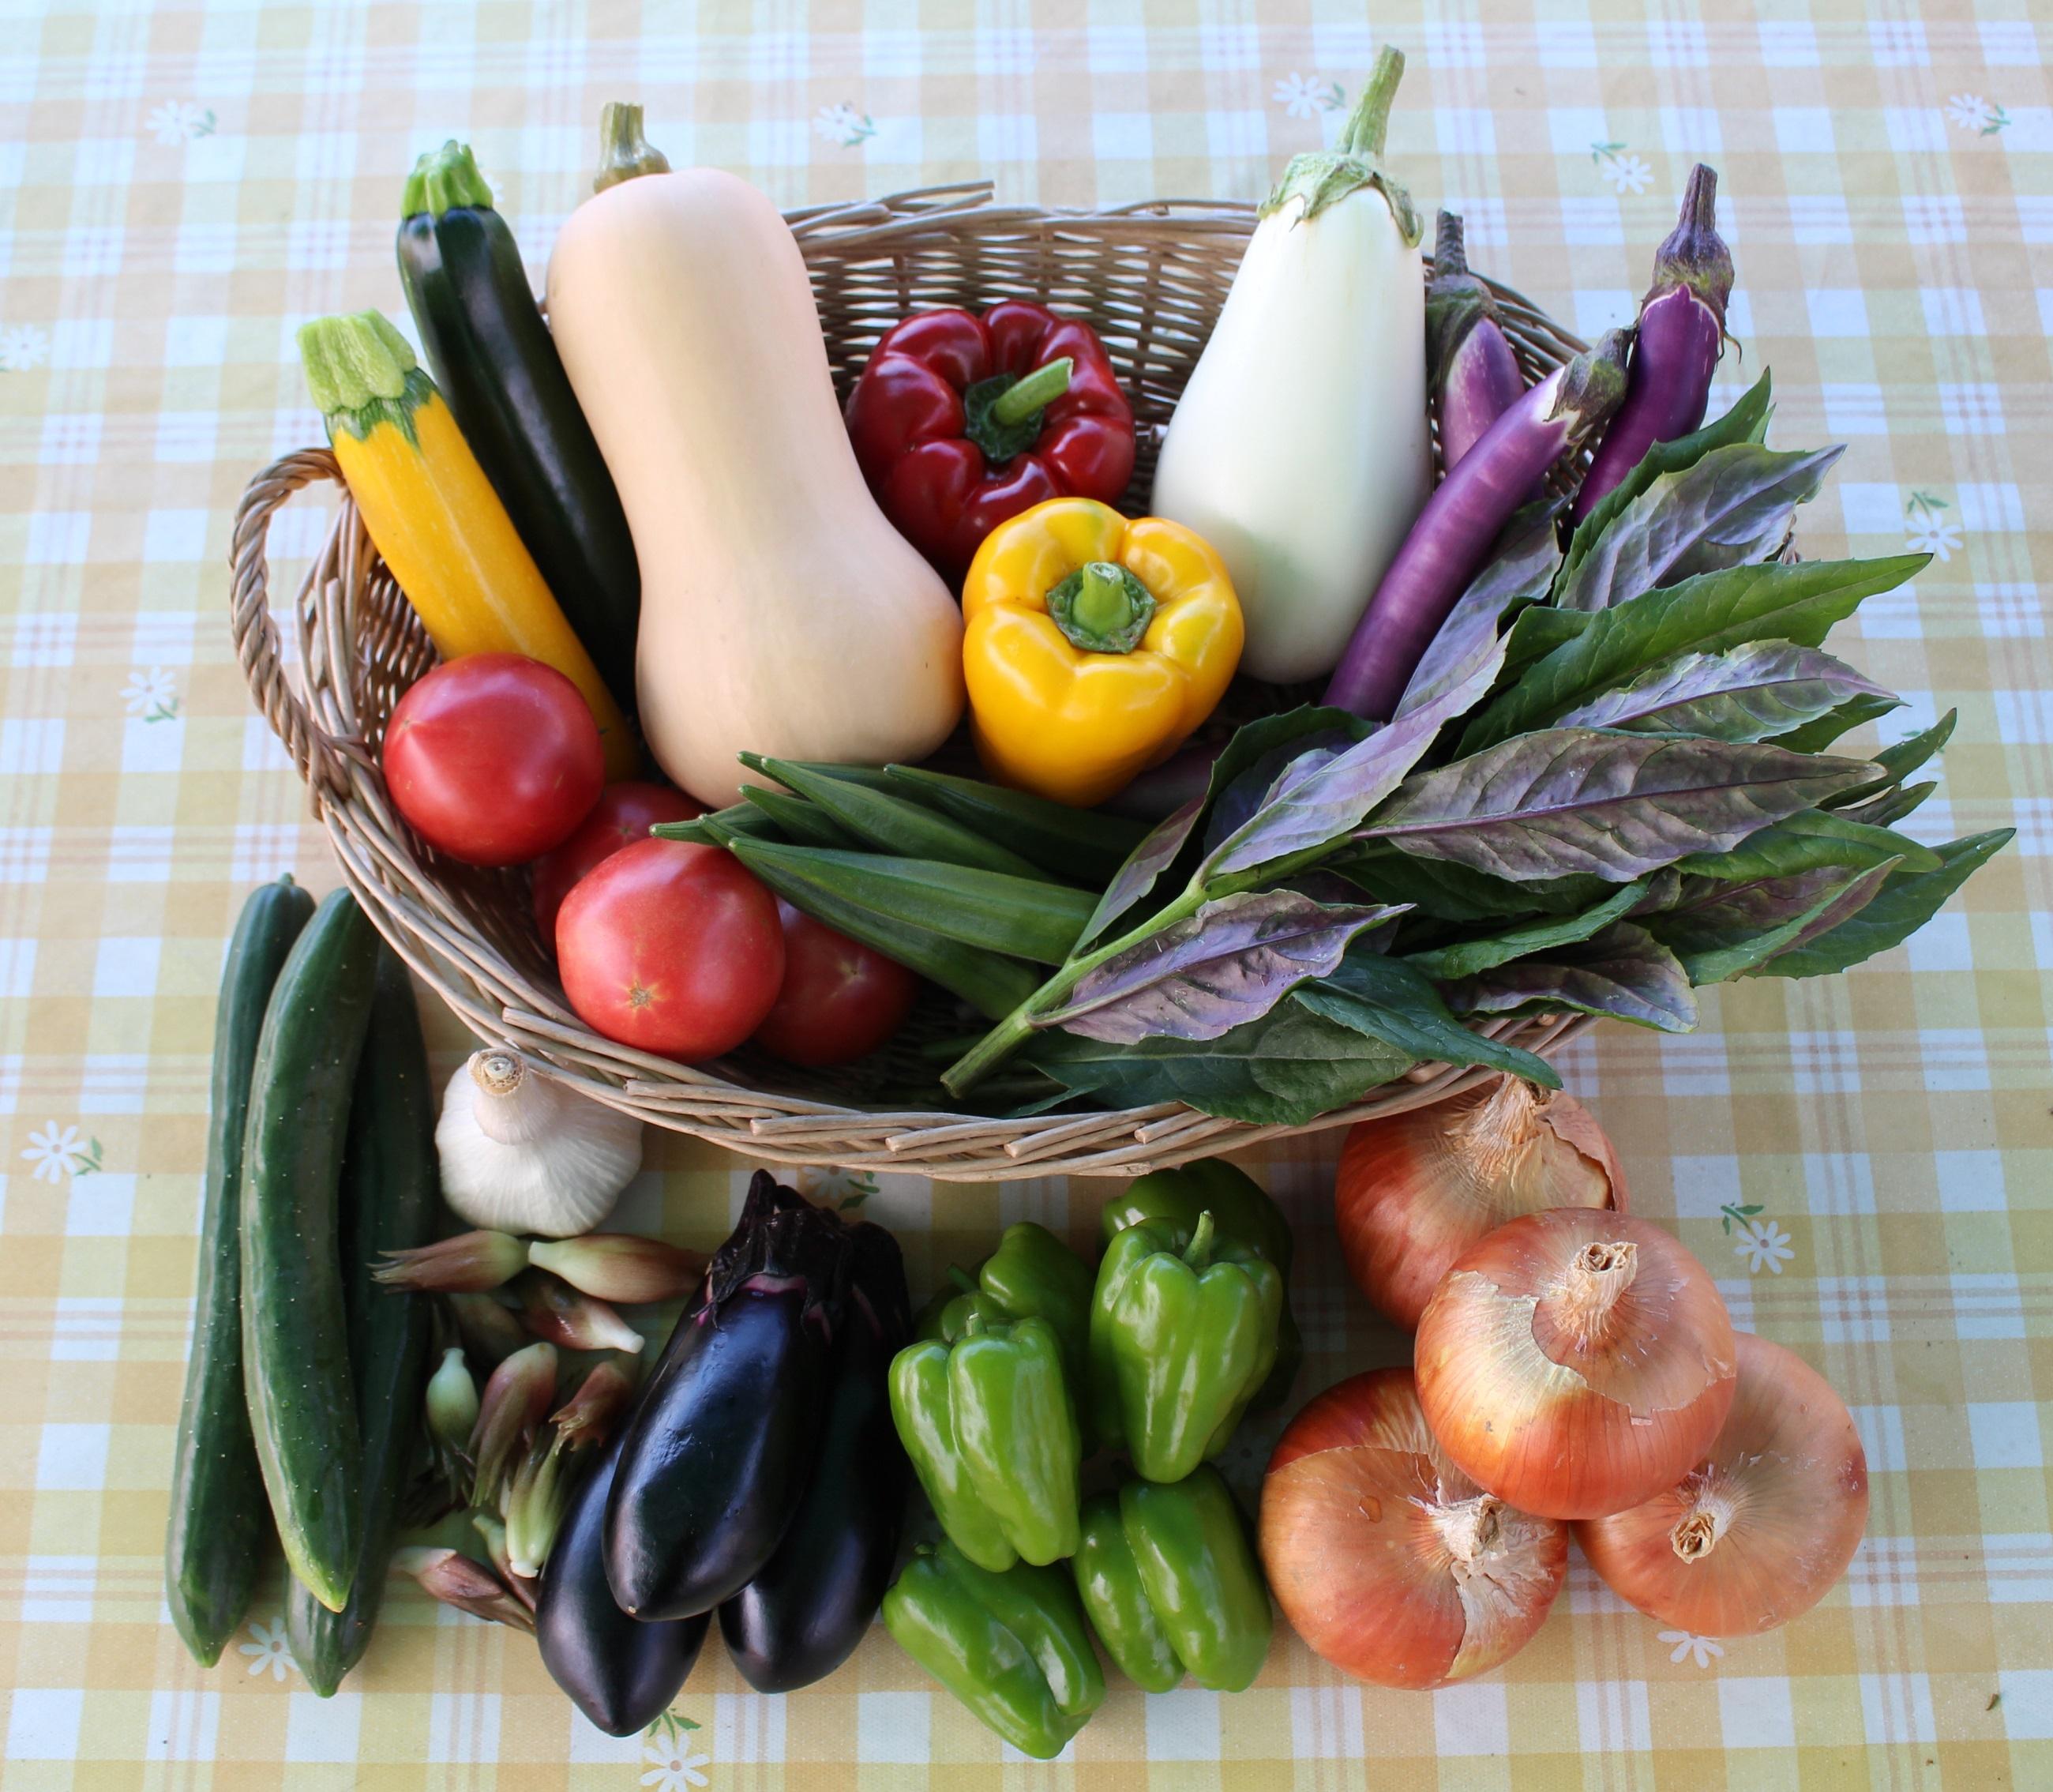 夏野菜セット例